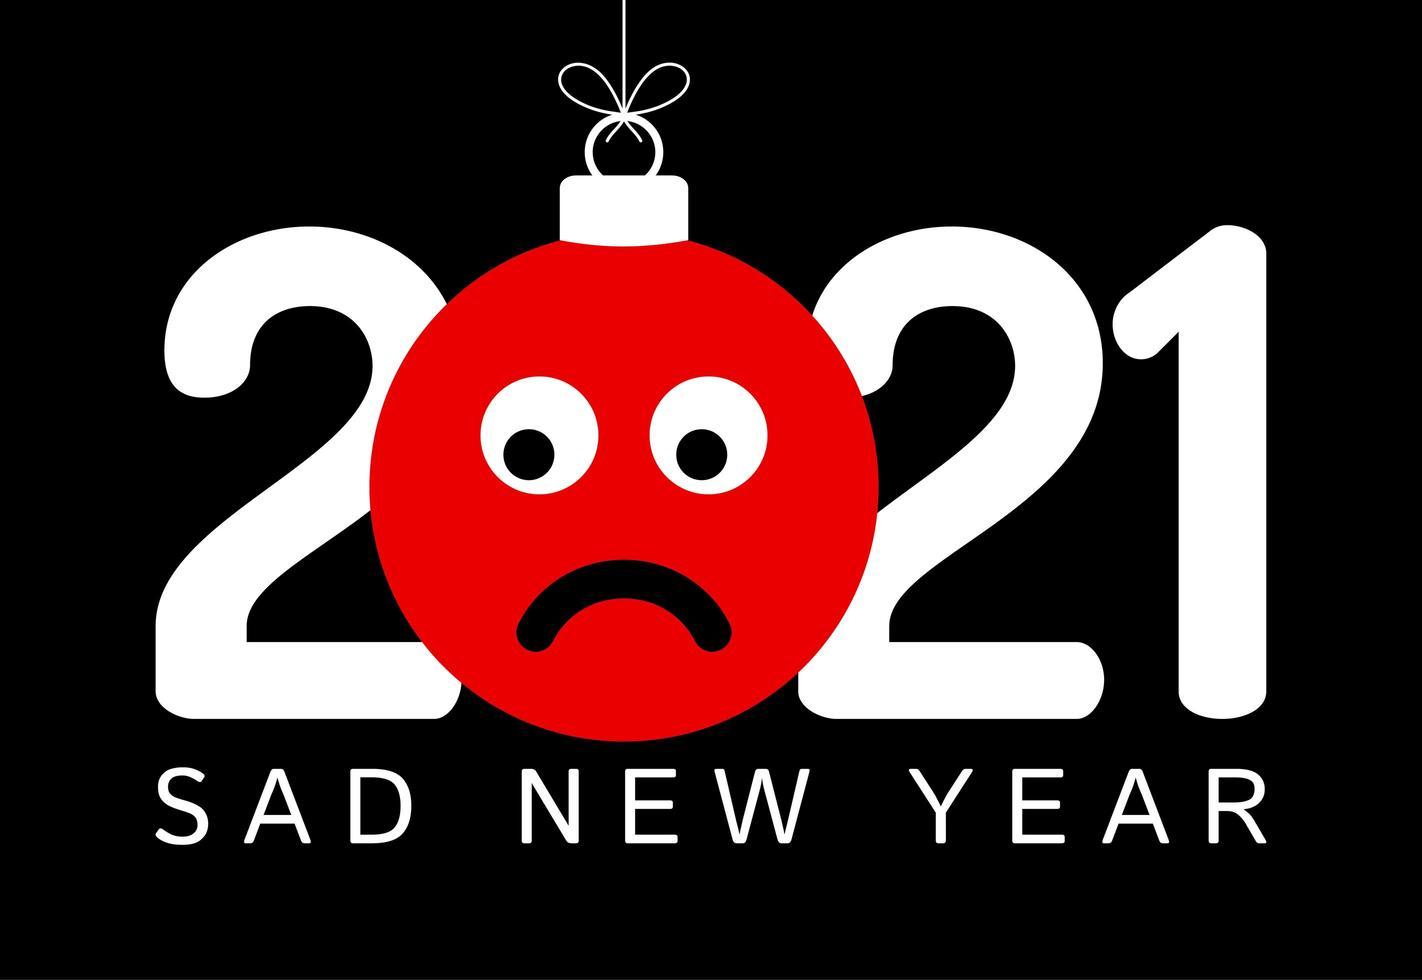 Saluto di capodanno 2021 con ornamento faccia triste emoji vettore